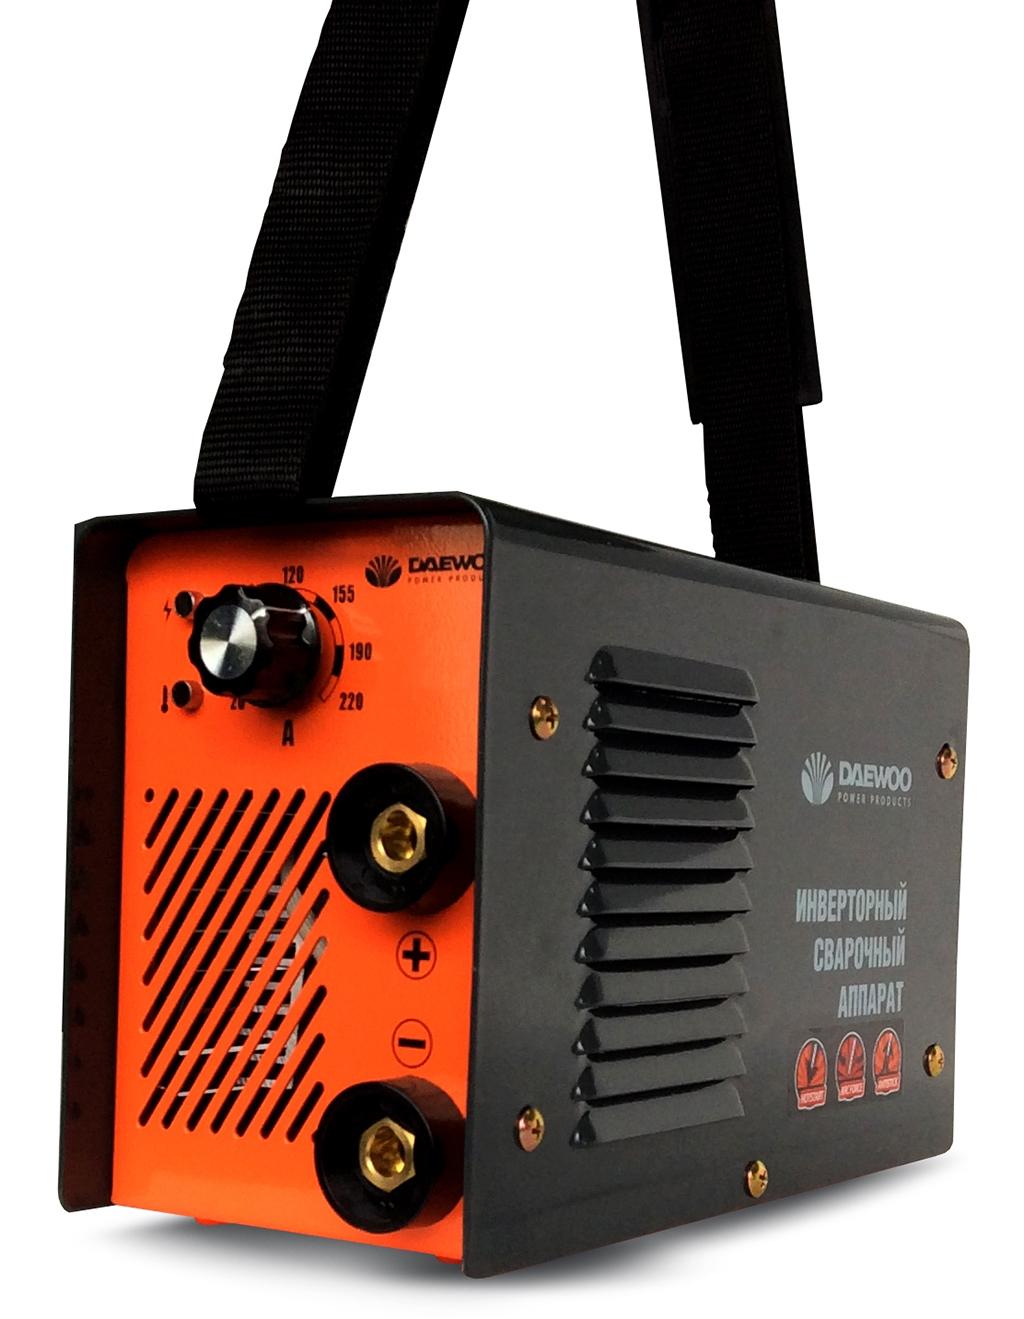 Зварювальний інверторний апарат Daewoo MINI DW-190 MMA